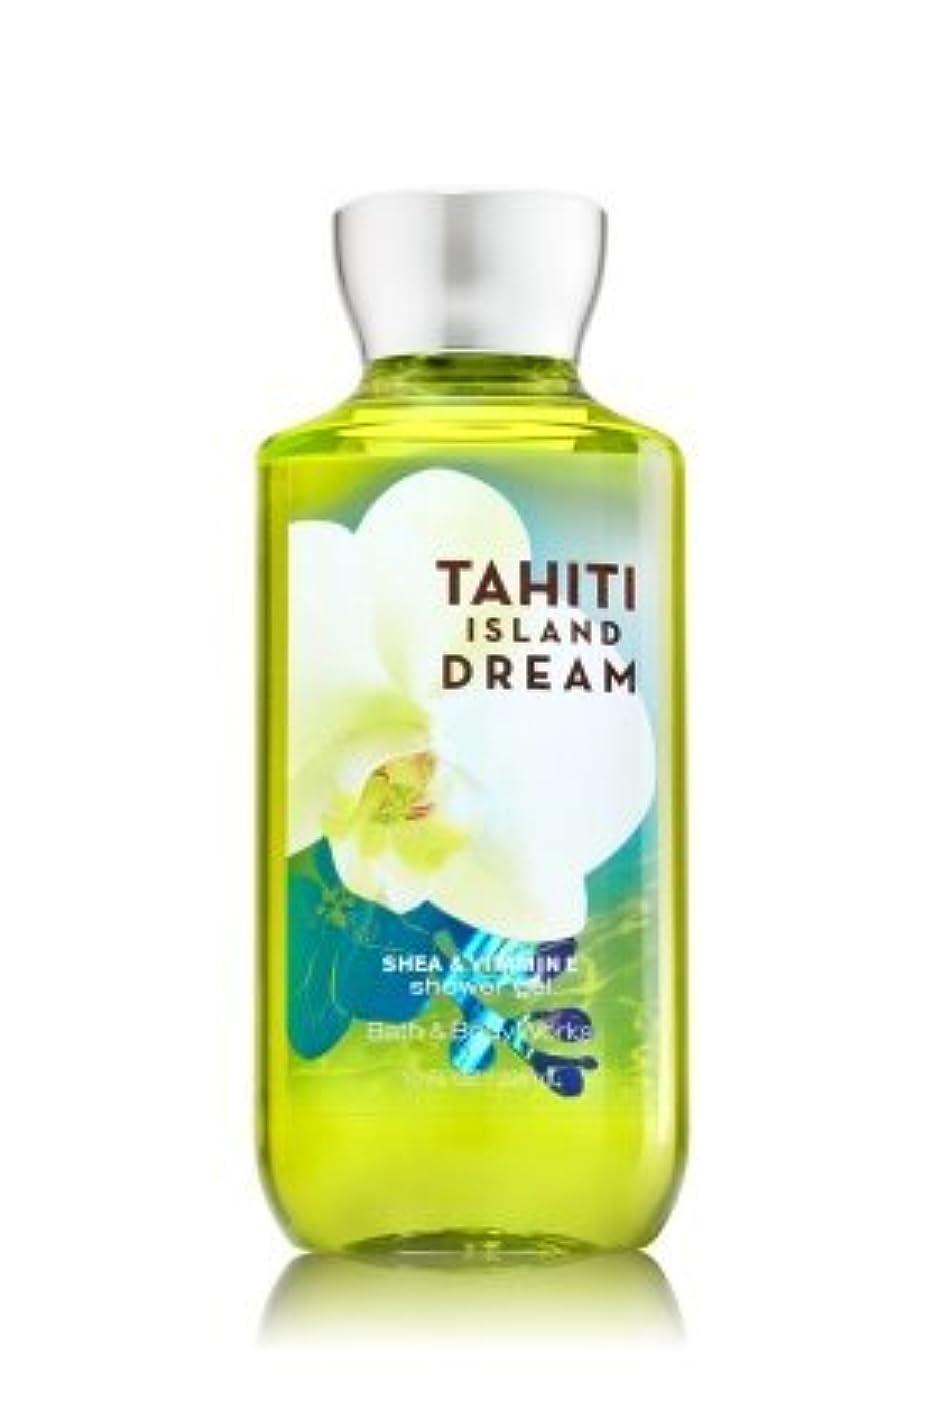 内向きなる証拠【Bath&Body Works/バス&ボディワークス】 シャワージェル タヒチアイランドドリーム Shower Gel Tahiti Island Dream 10 fl oz / 295 mL [並行輸入品]